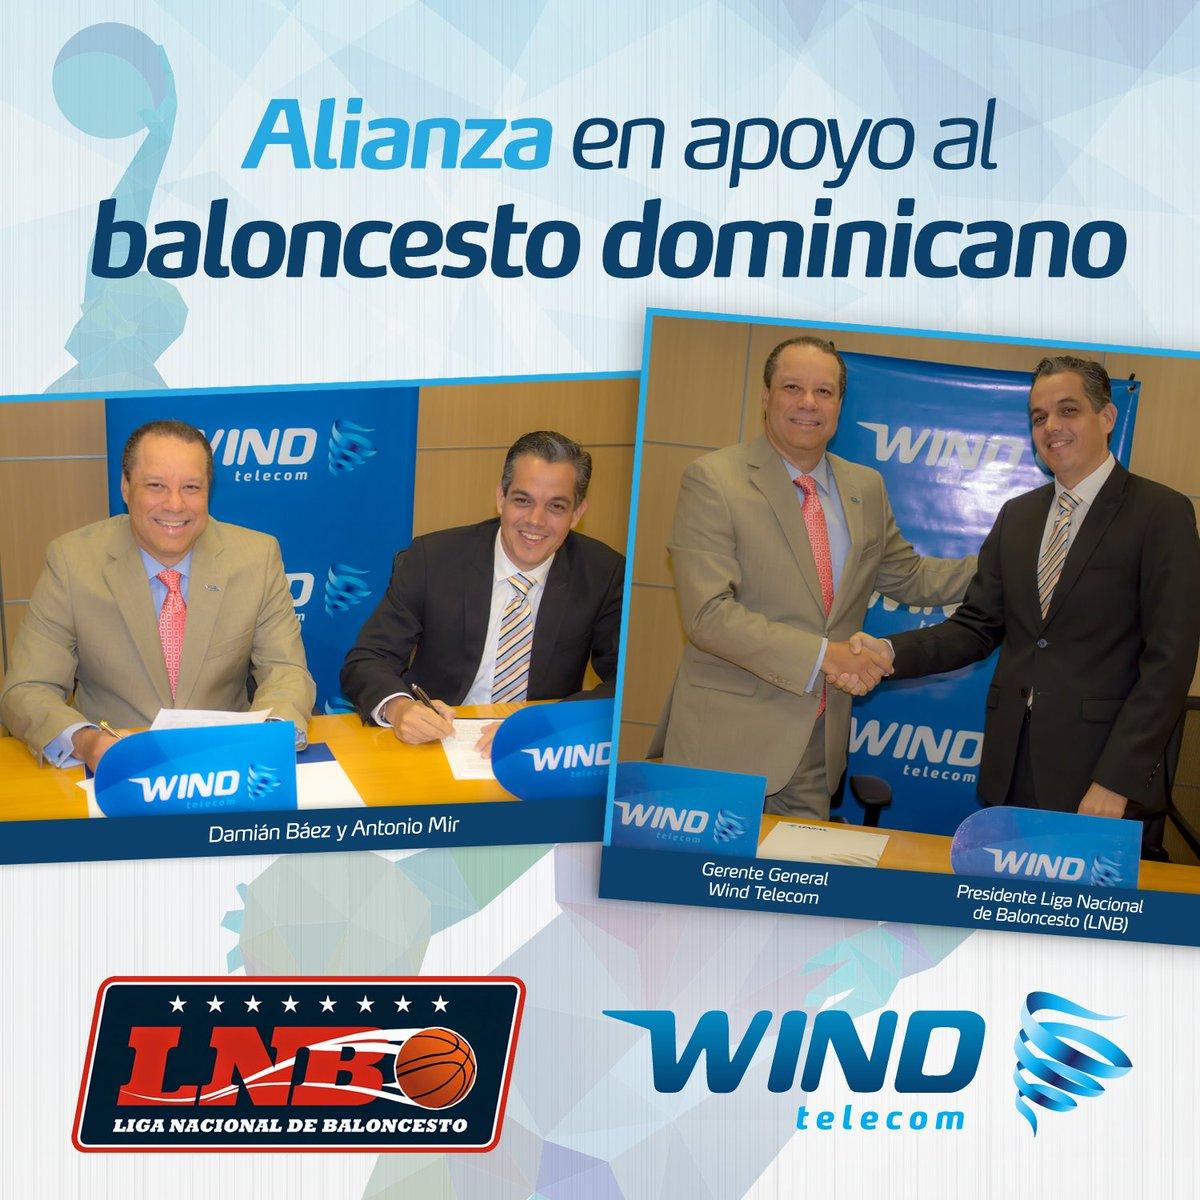 Wind en apoyo al Deporte Dominicano, firma alianza con la Liga Nacional de Baloncesto Dominicano #Windtaenbasket https://t.co/5jzHX4Y3el